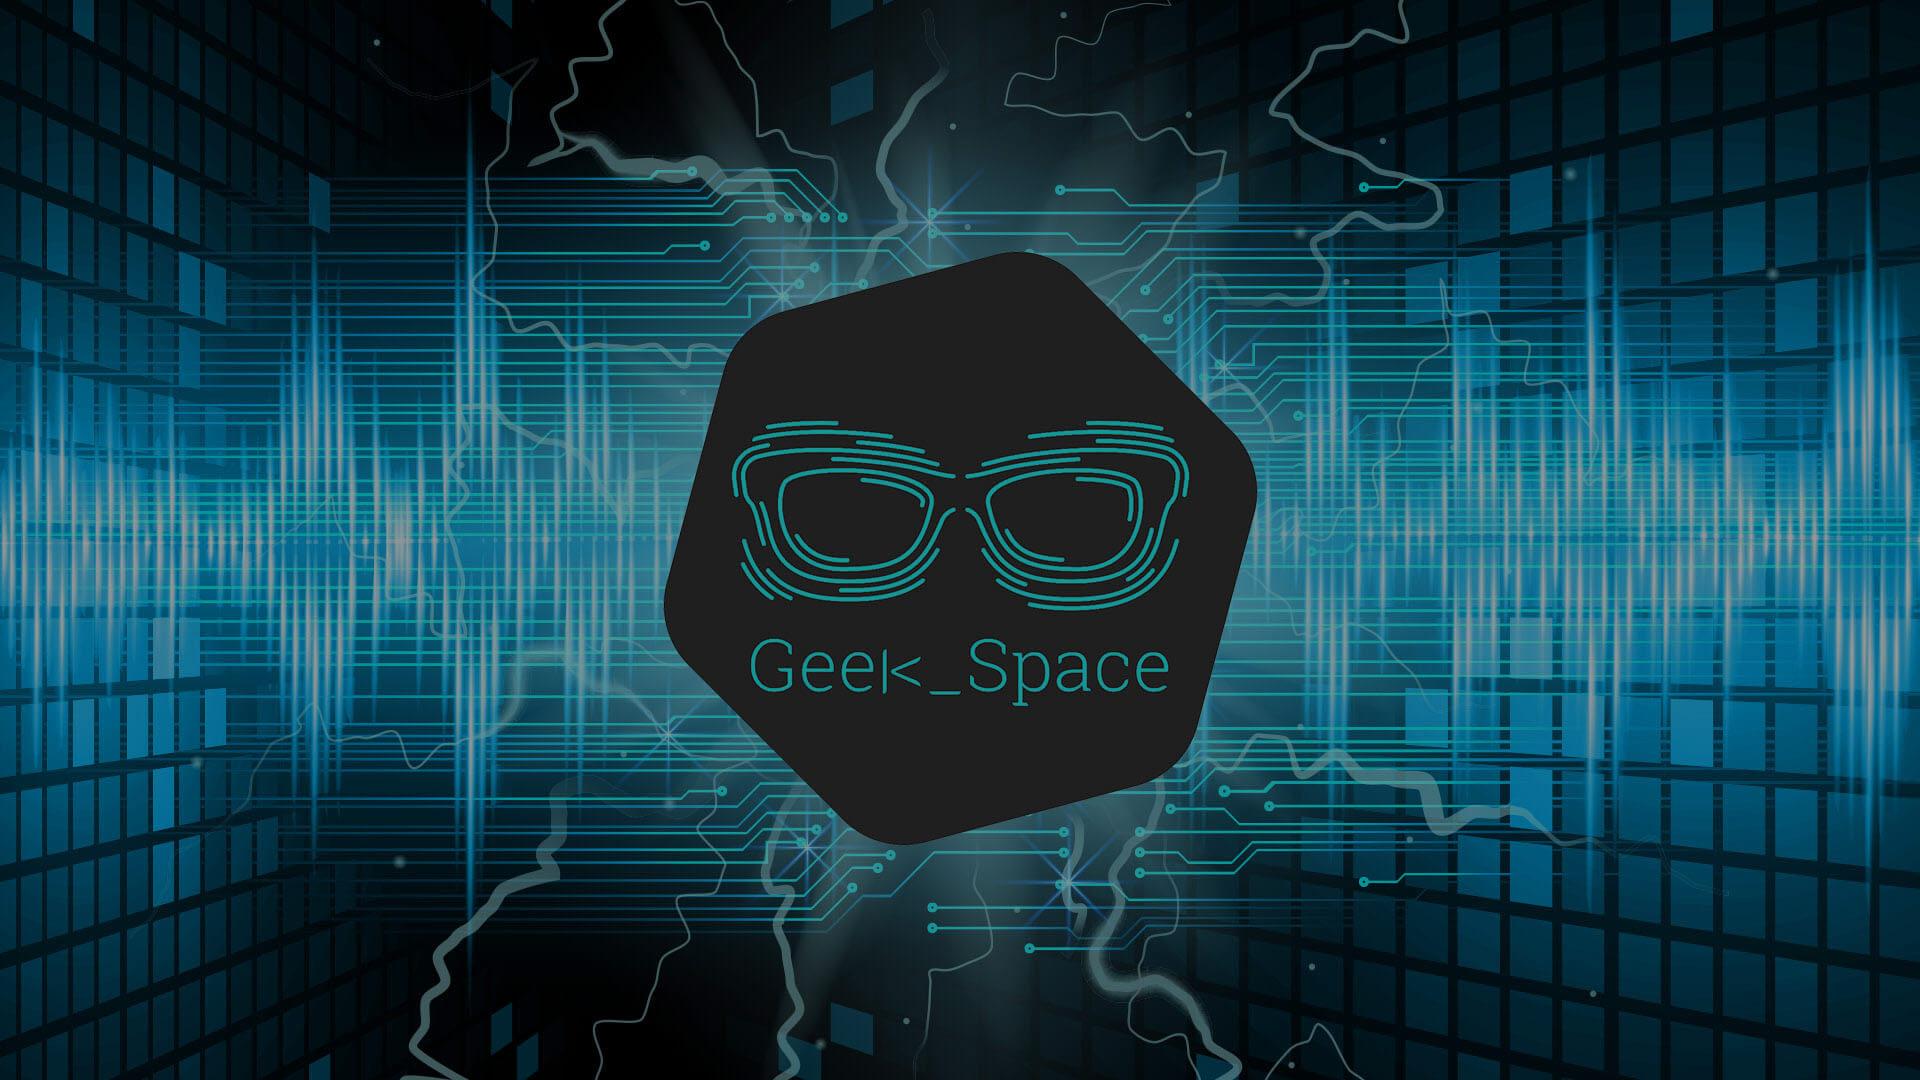 geek-space_20171125b